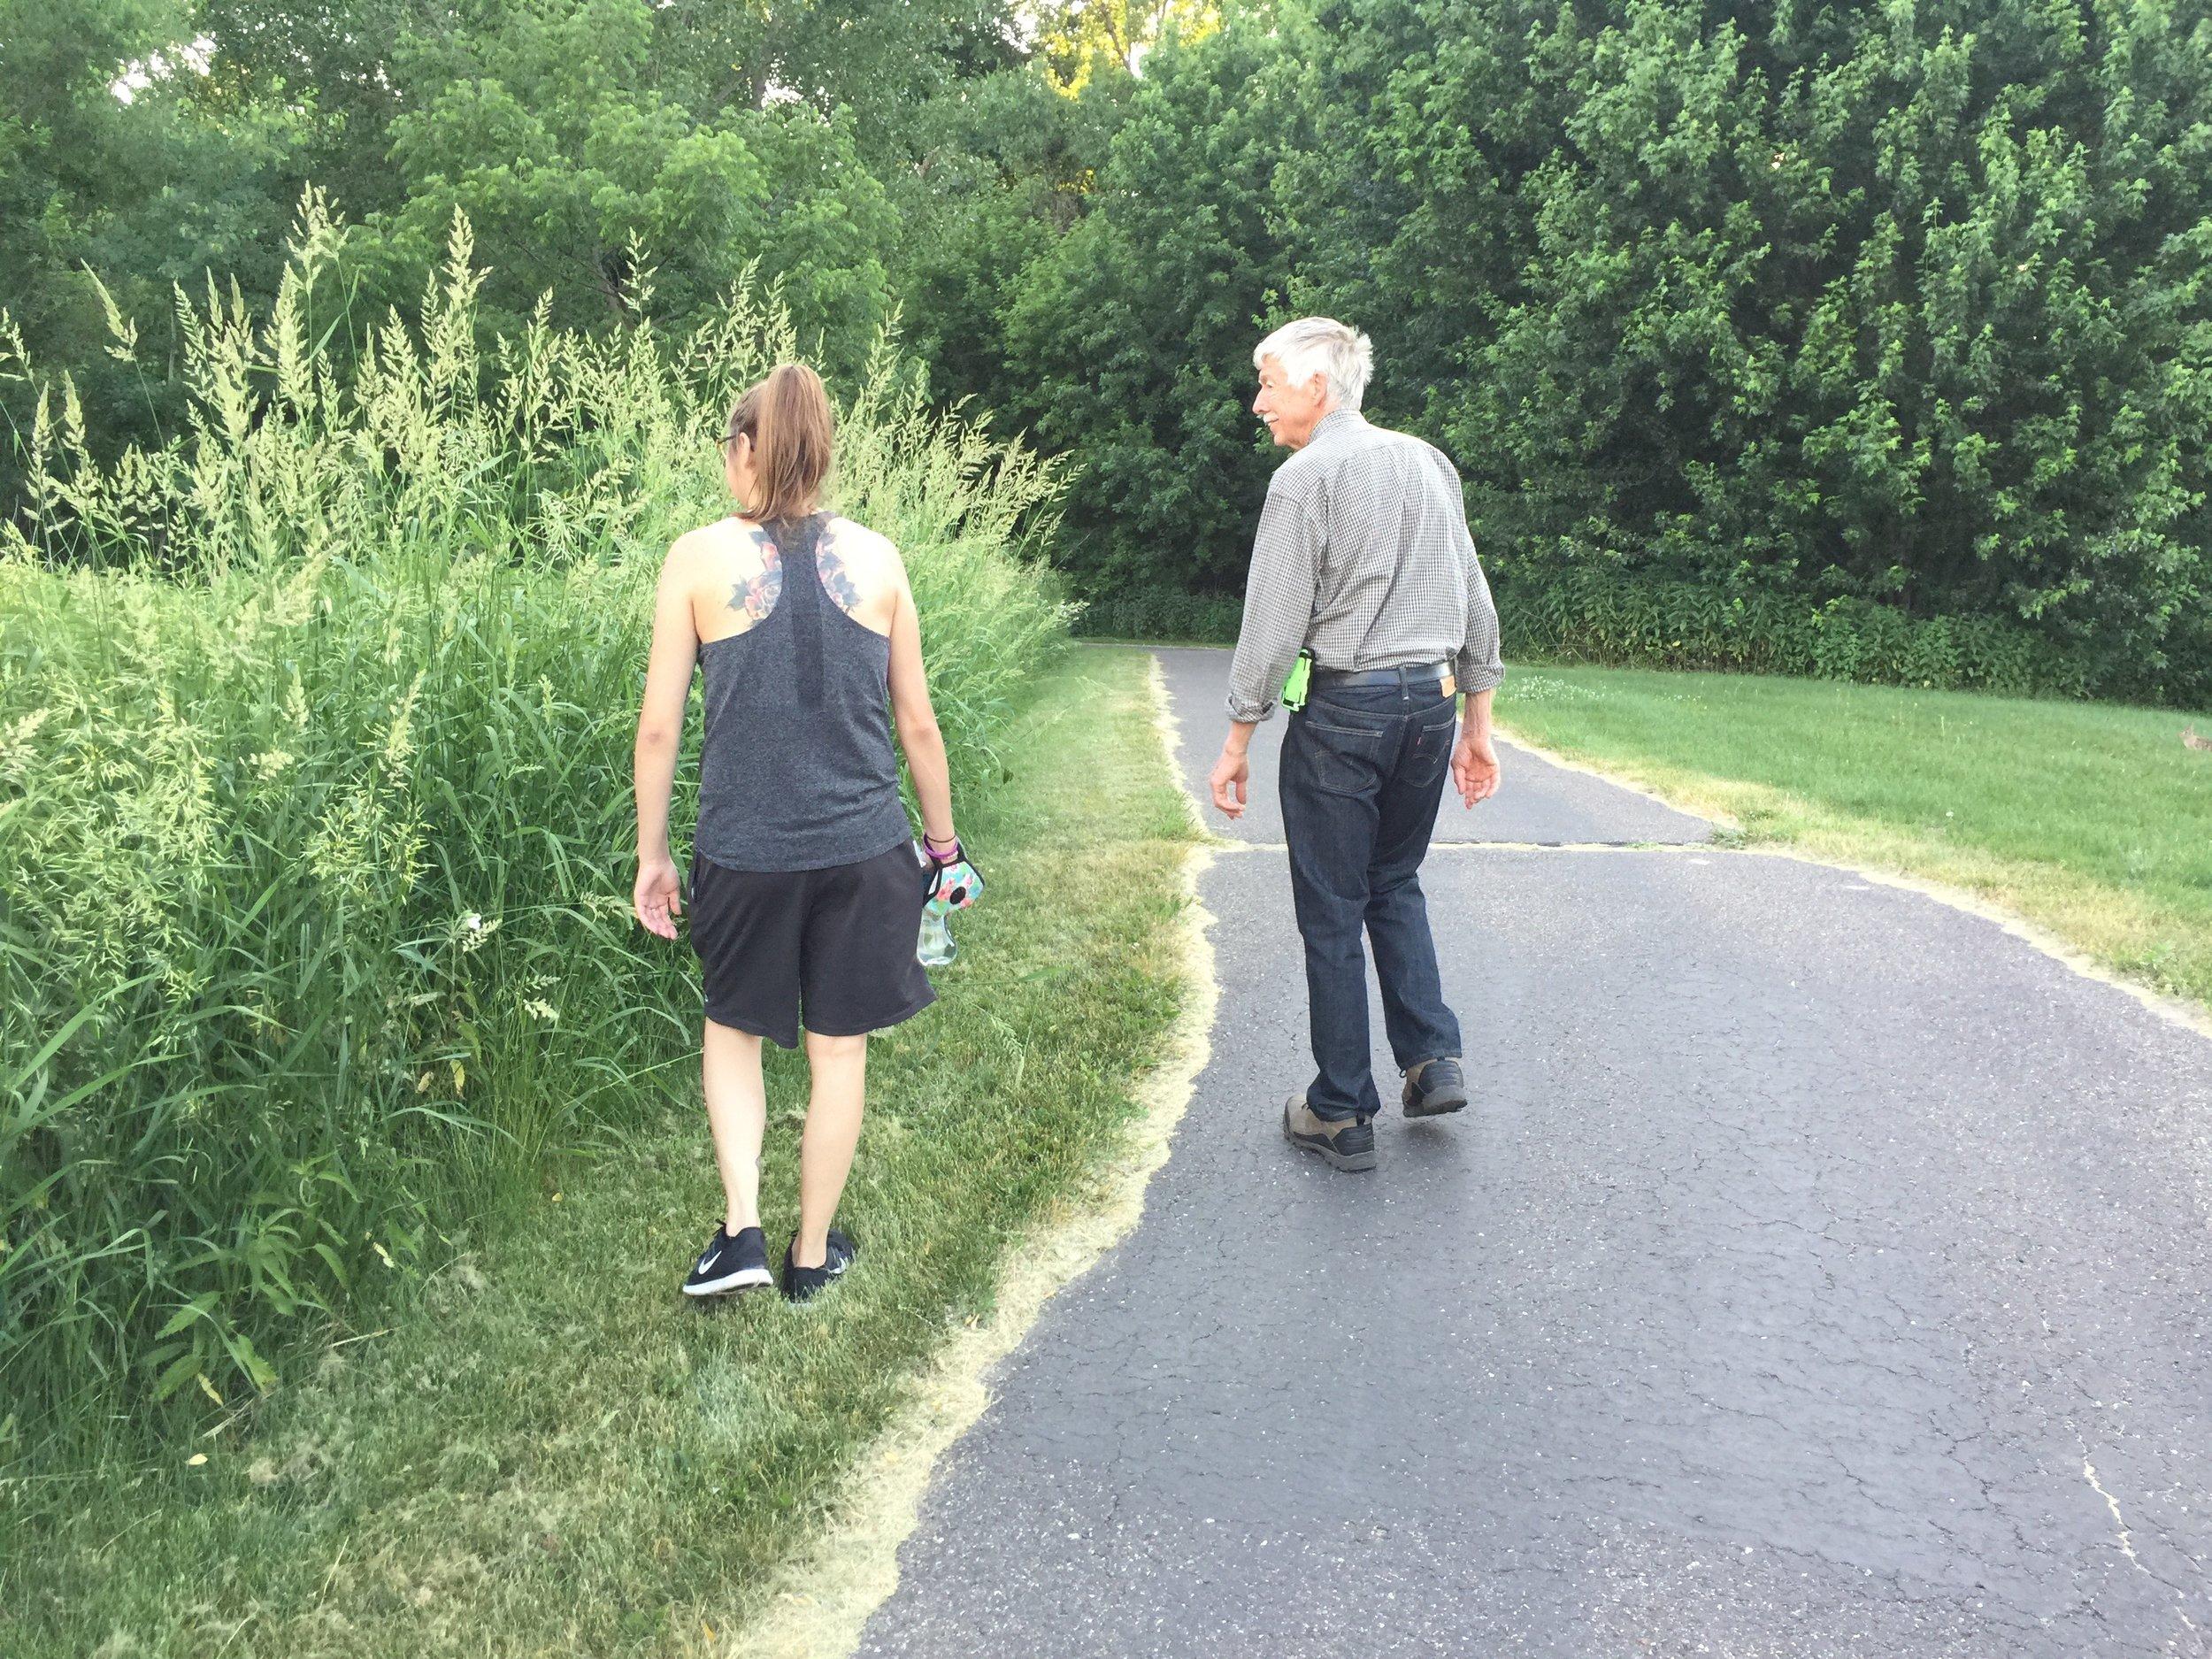 Evening walk, look at that super tall grass